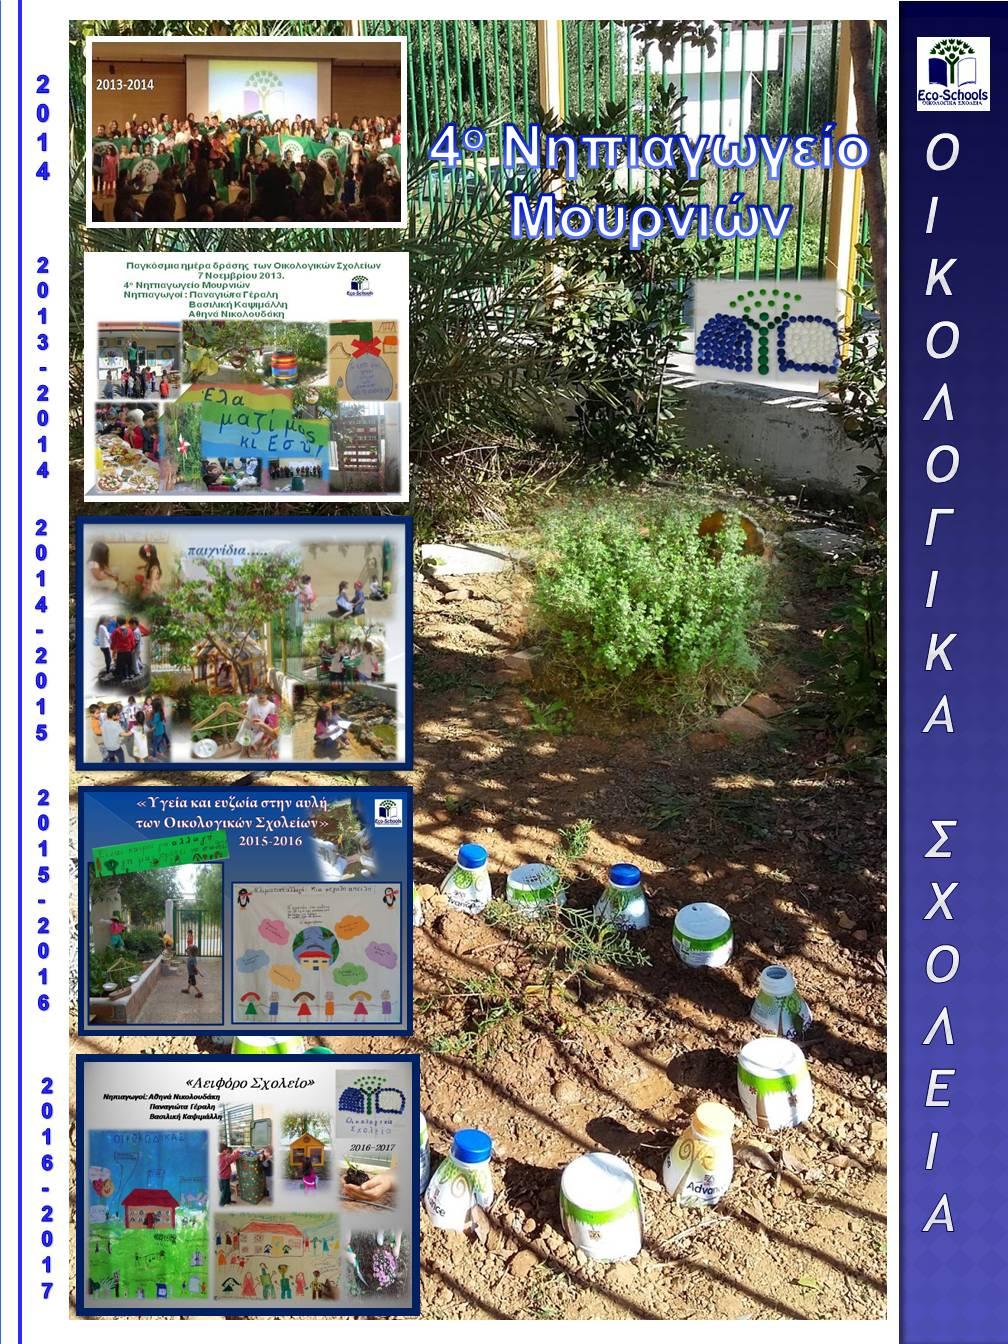 """Επαναβράβευση του Νηπιαγωγείου μας, με την πράσινη σημαία των """" Οικολογικών Σχολείων"""" - 2016-"""